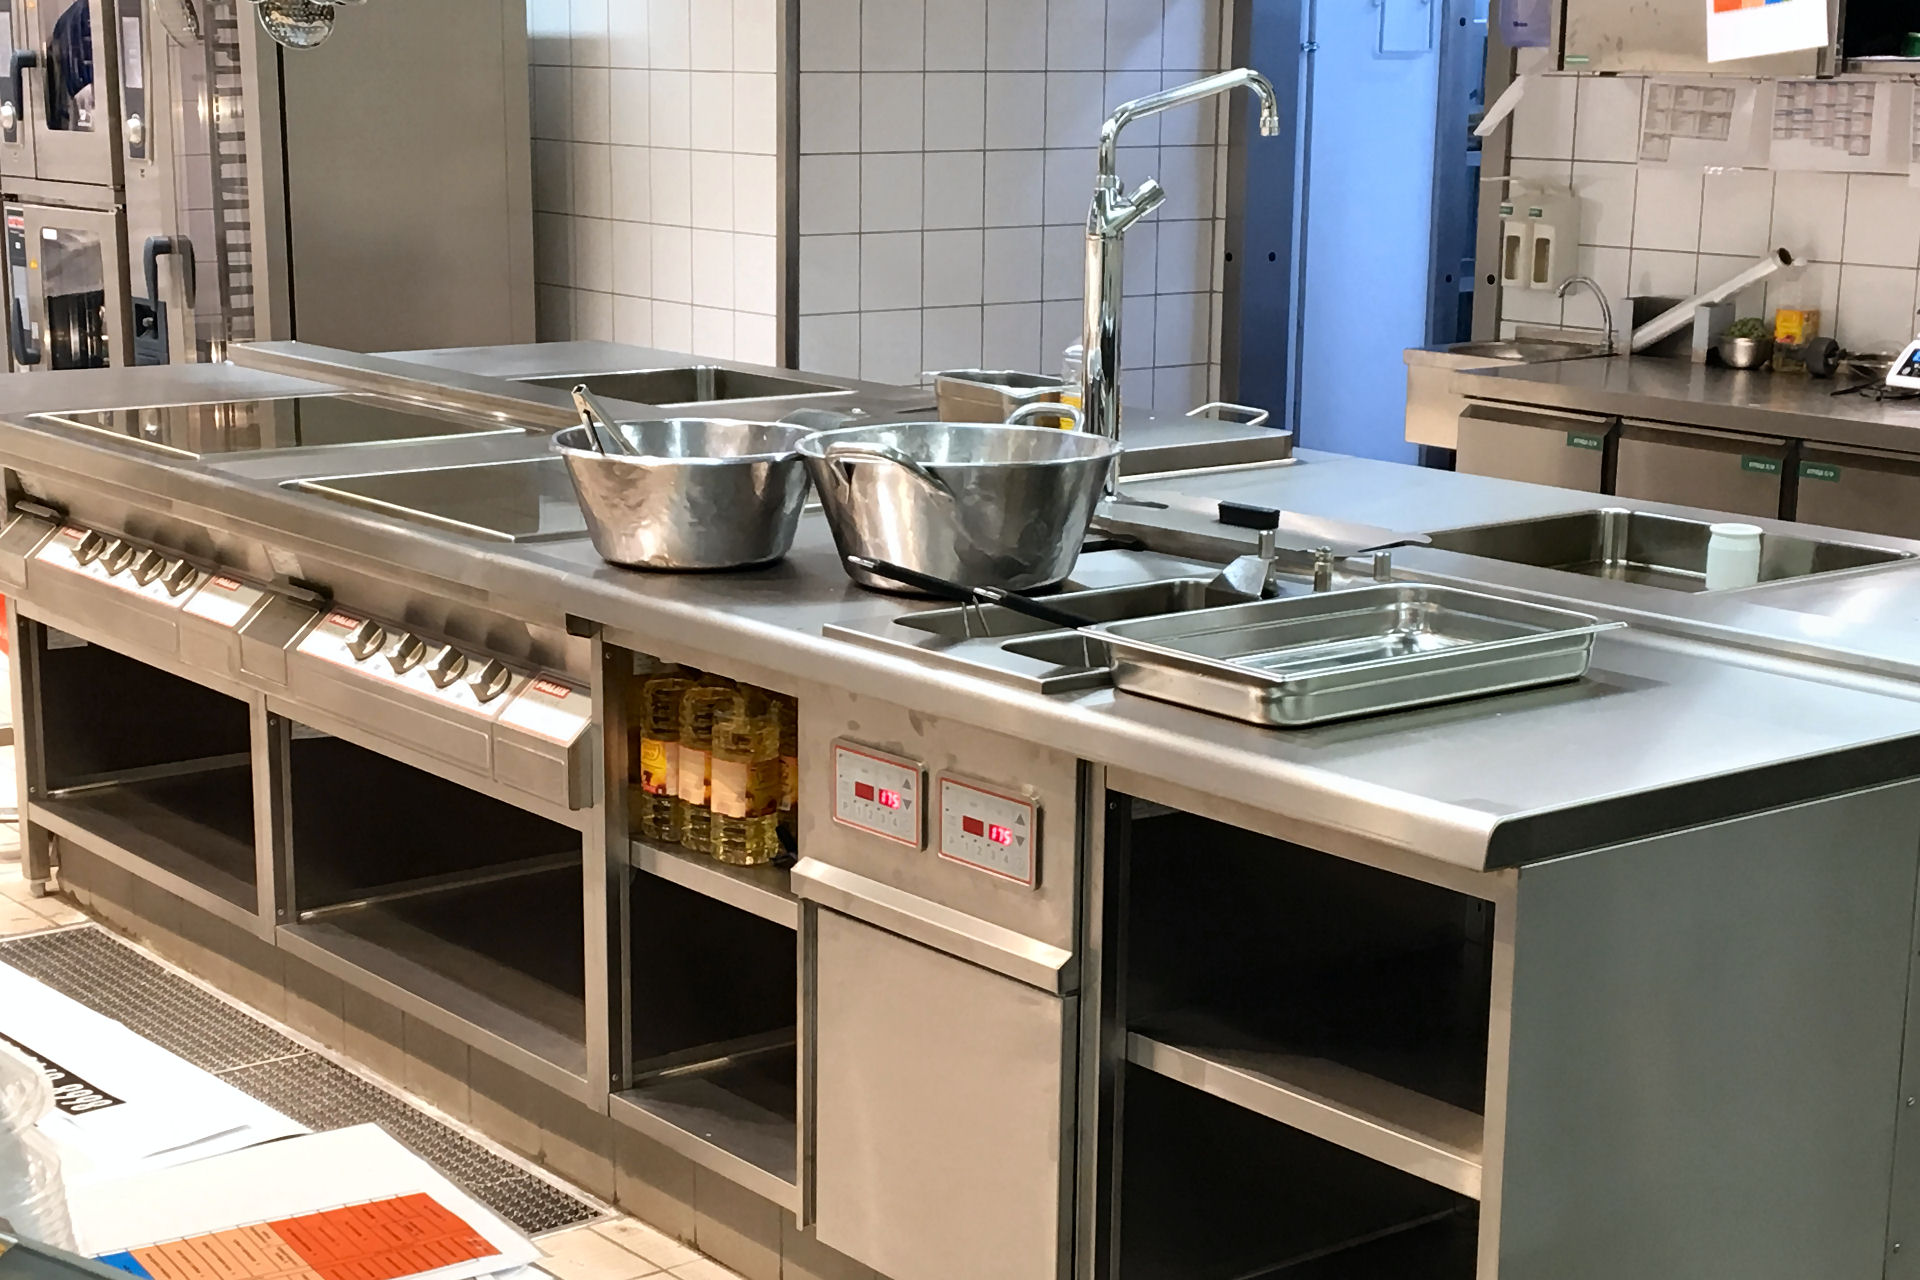 производственная кухня фото плита аурико